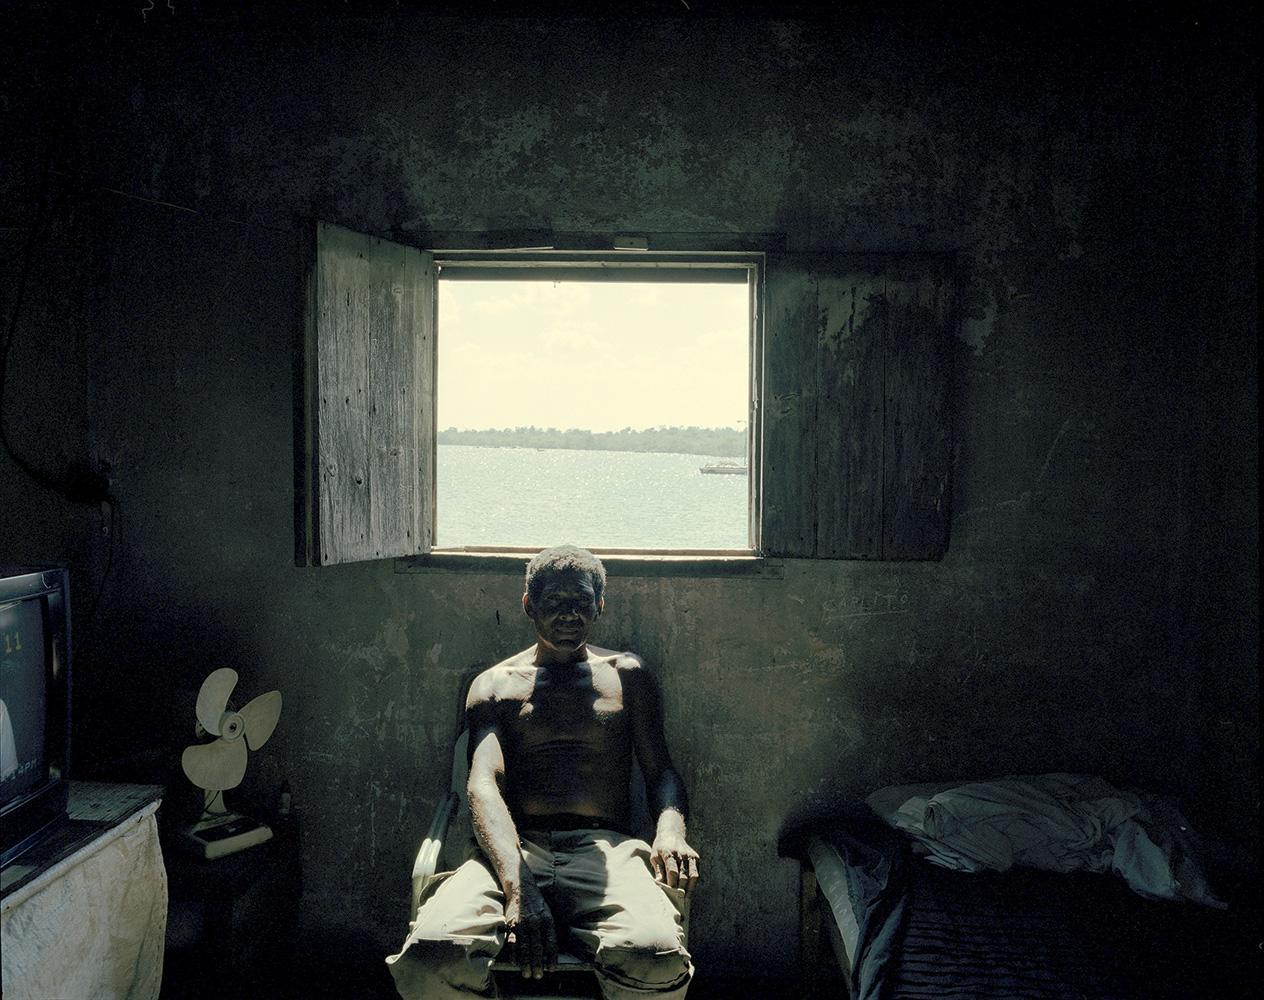 A fisherman takes a break inside his house in El Puerto de Manati, on the northeastern coast of Cuba.